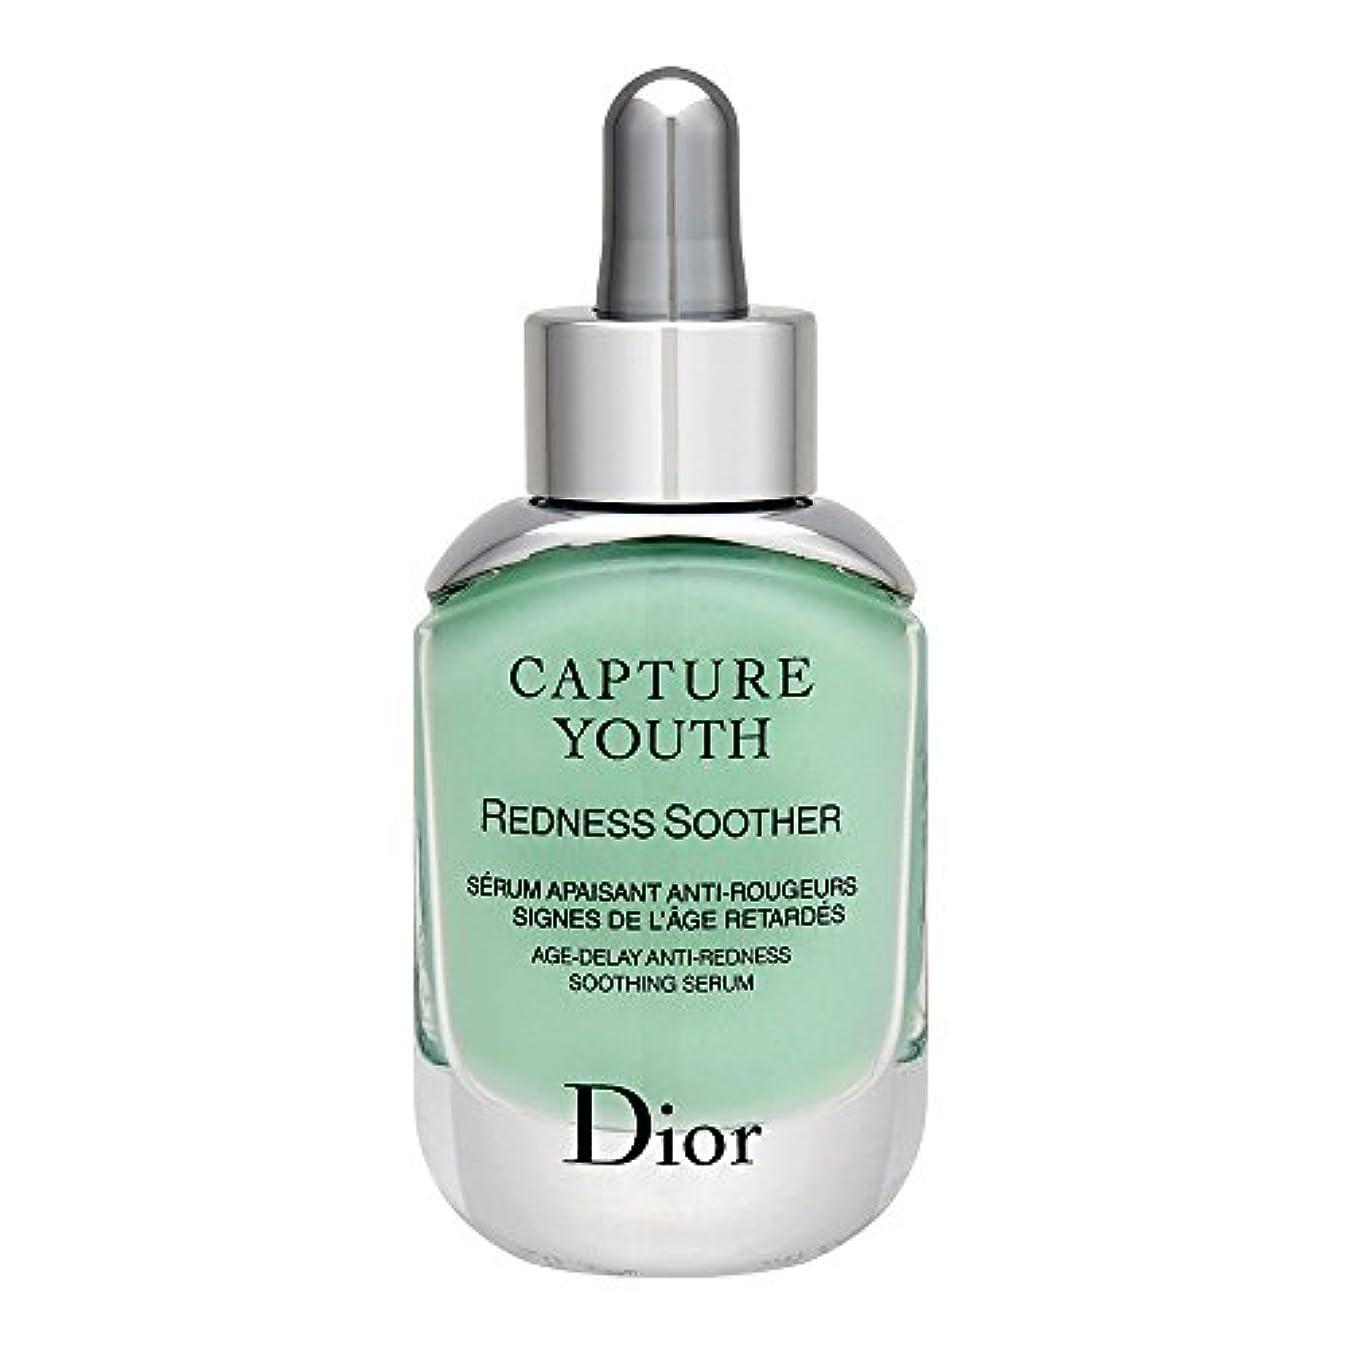 動かす夜間固有のクリスチャンディオール Christian Dior カプチュール ユース レッドネス ミニマイザー 30mL [並行輸入品]